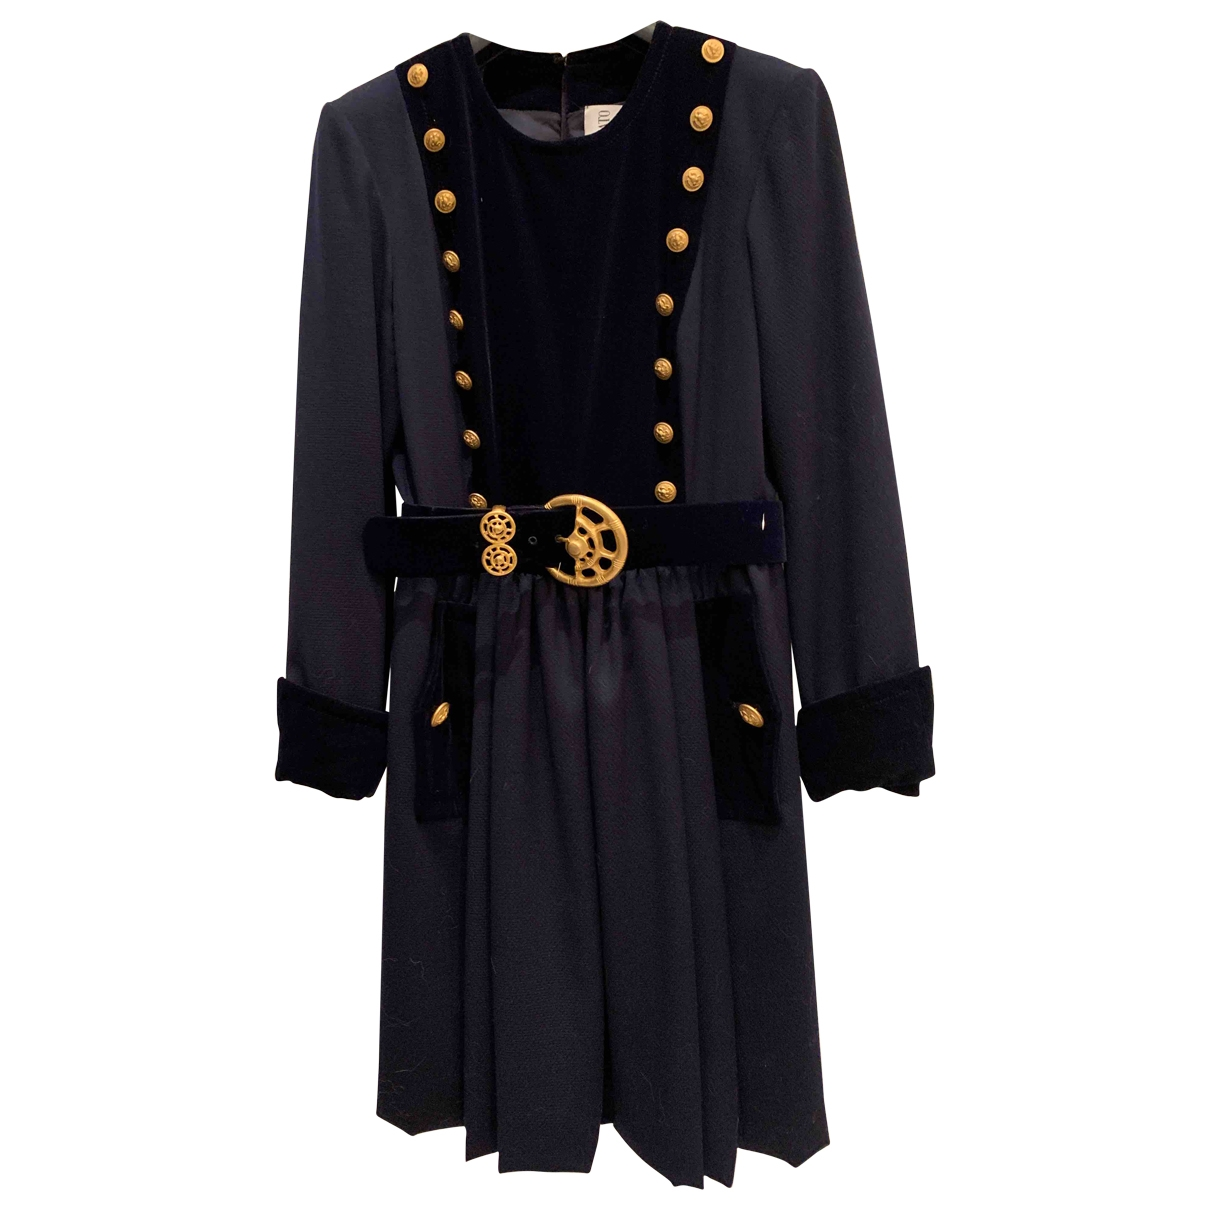 Vestido de Lana Non Signe / Unsigned